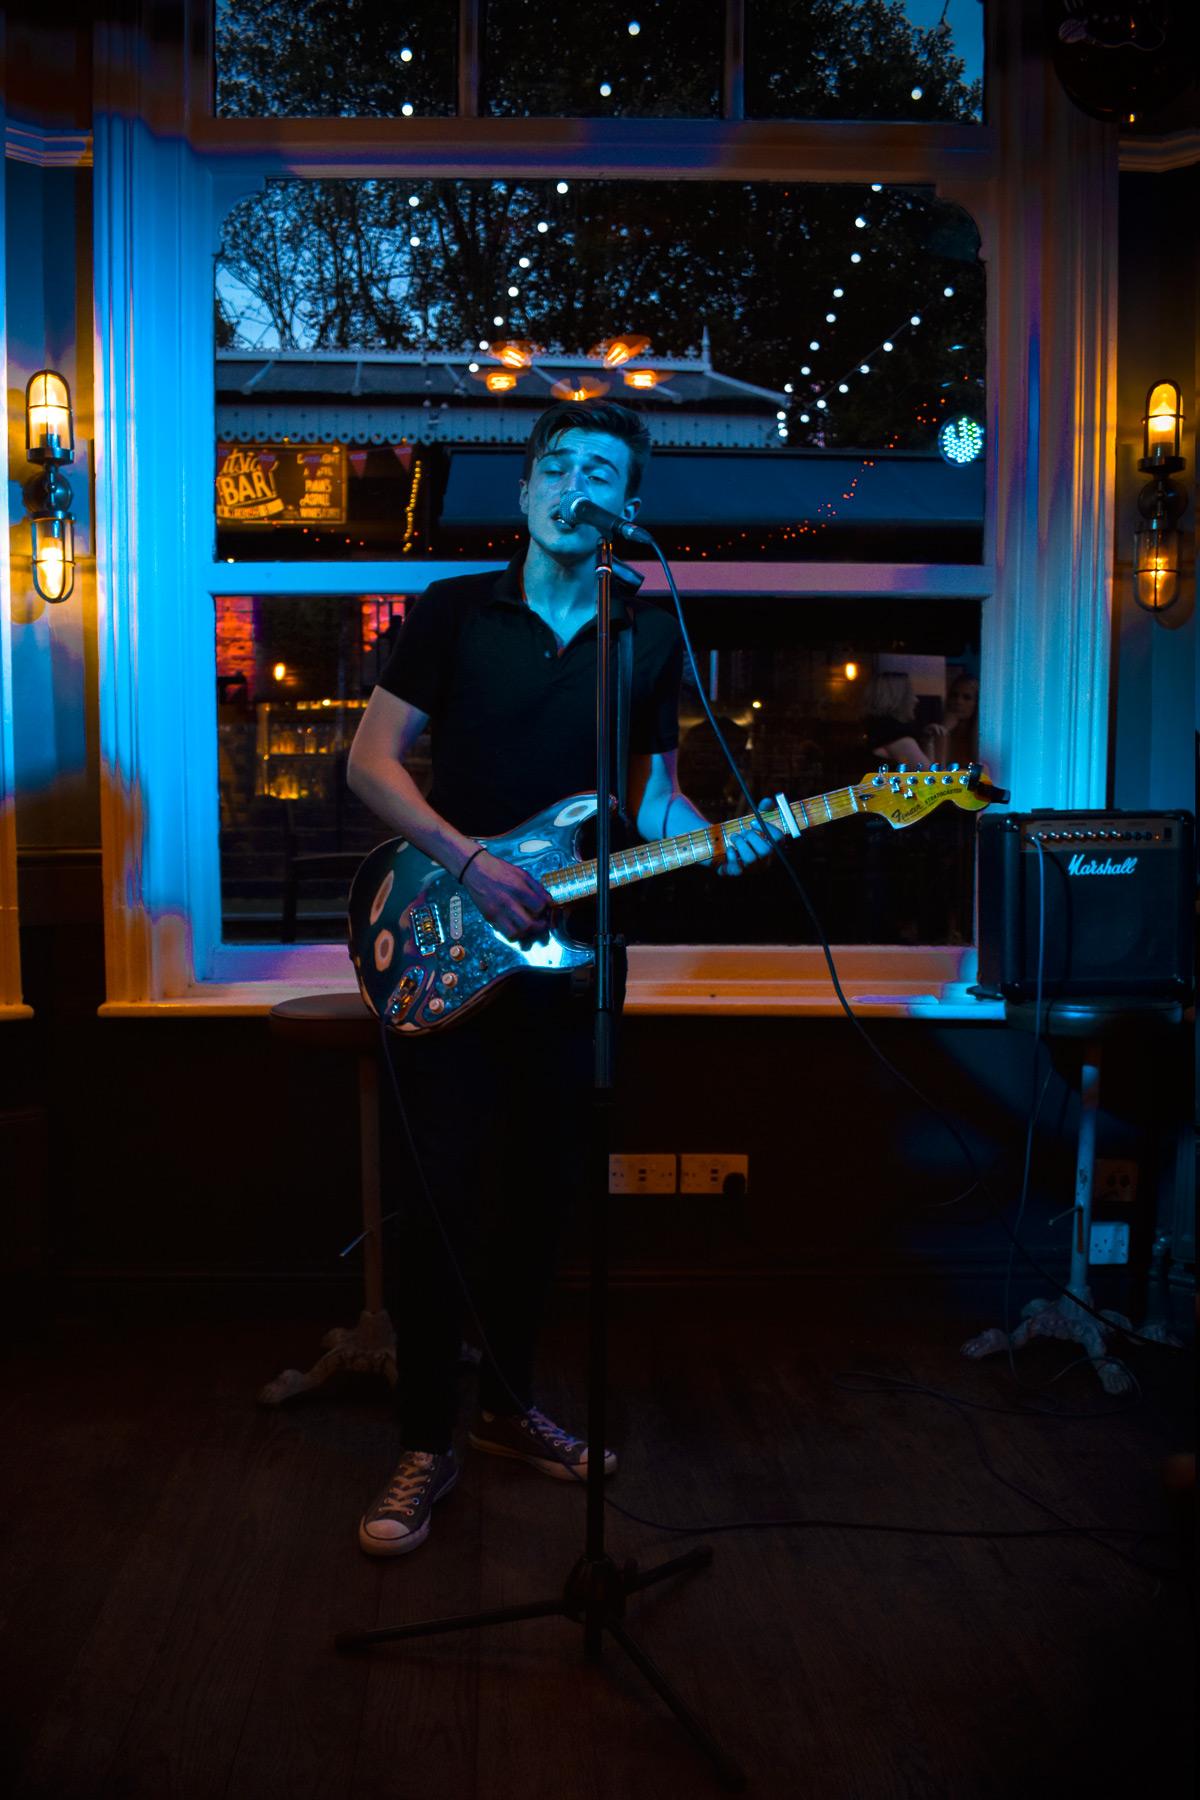 Sean Duggan performing at The Station Solihull Birmingham